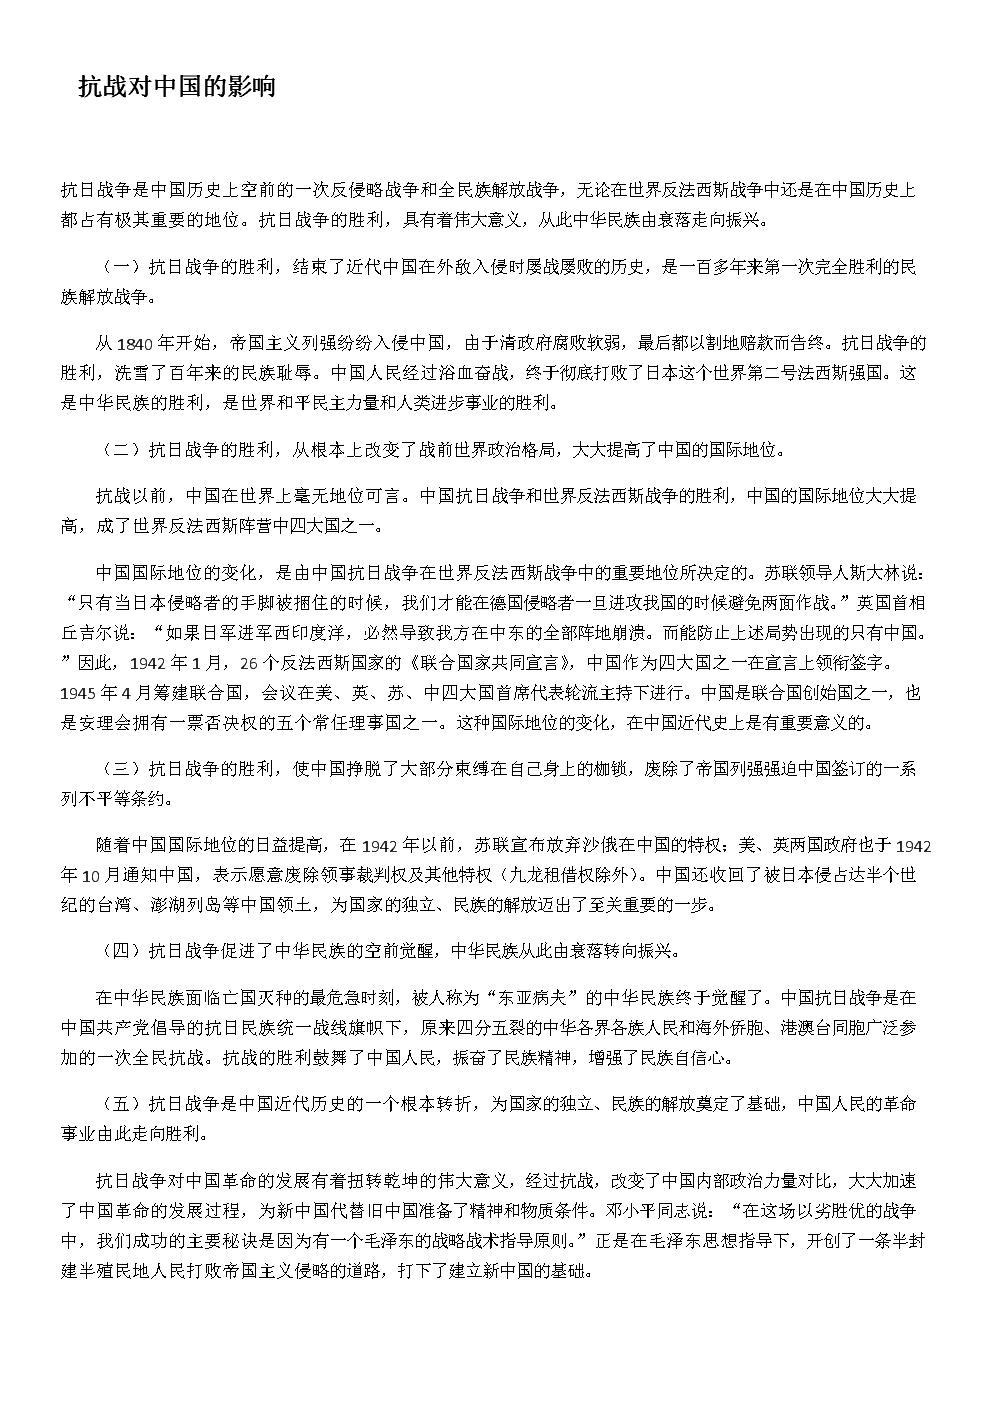 抗战对中国的影响.doc